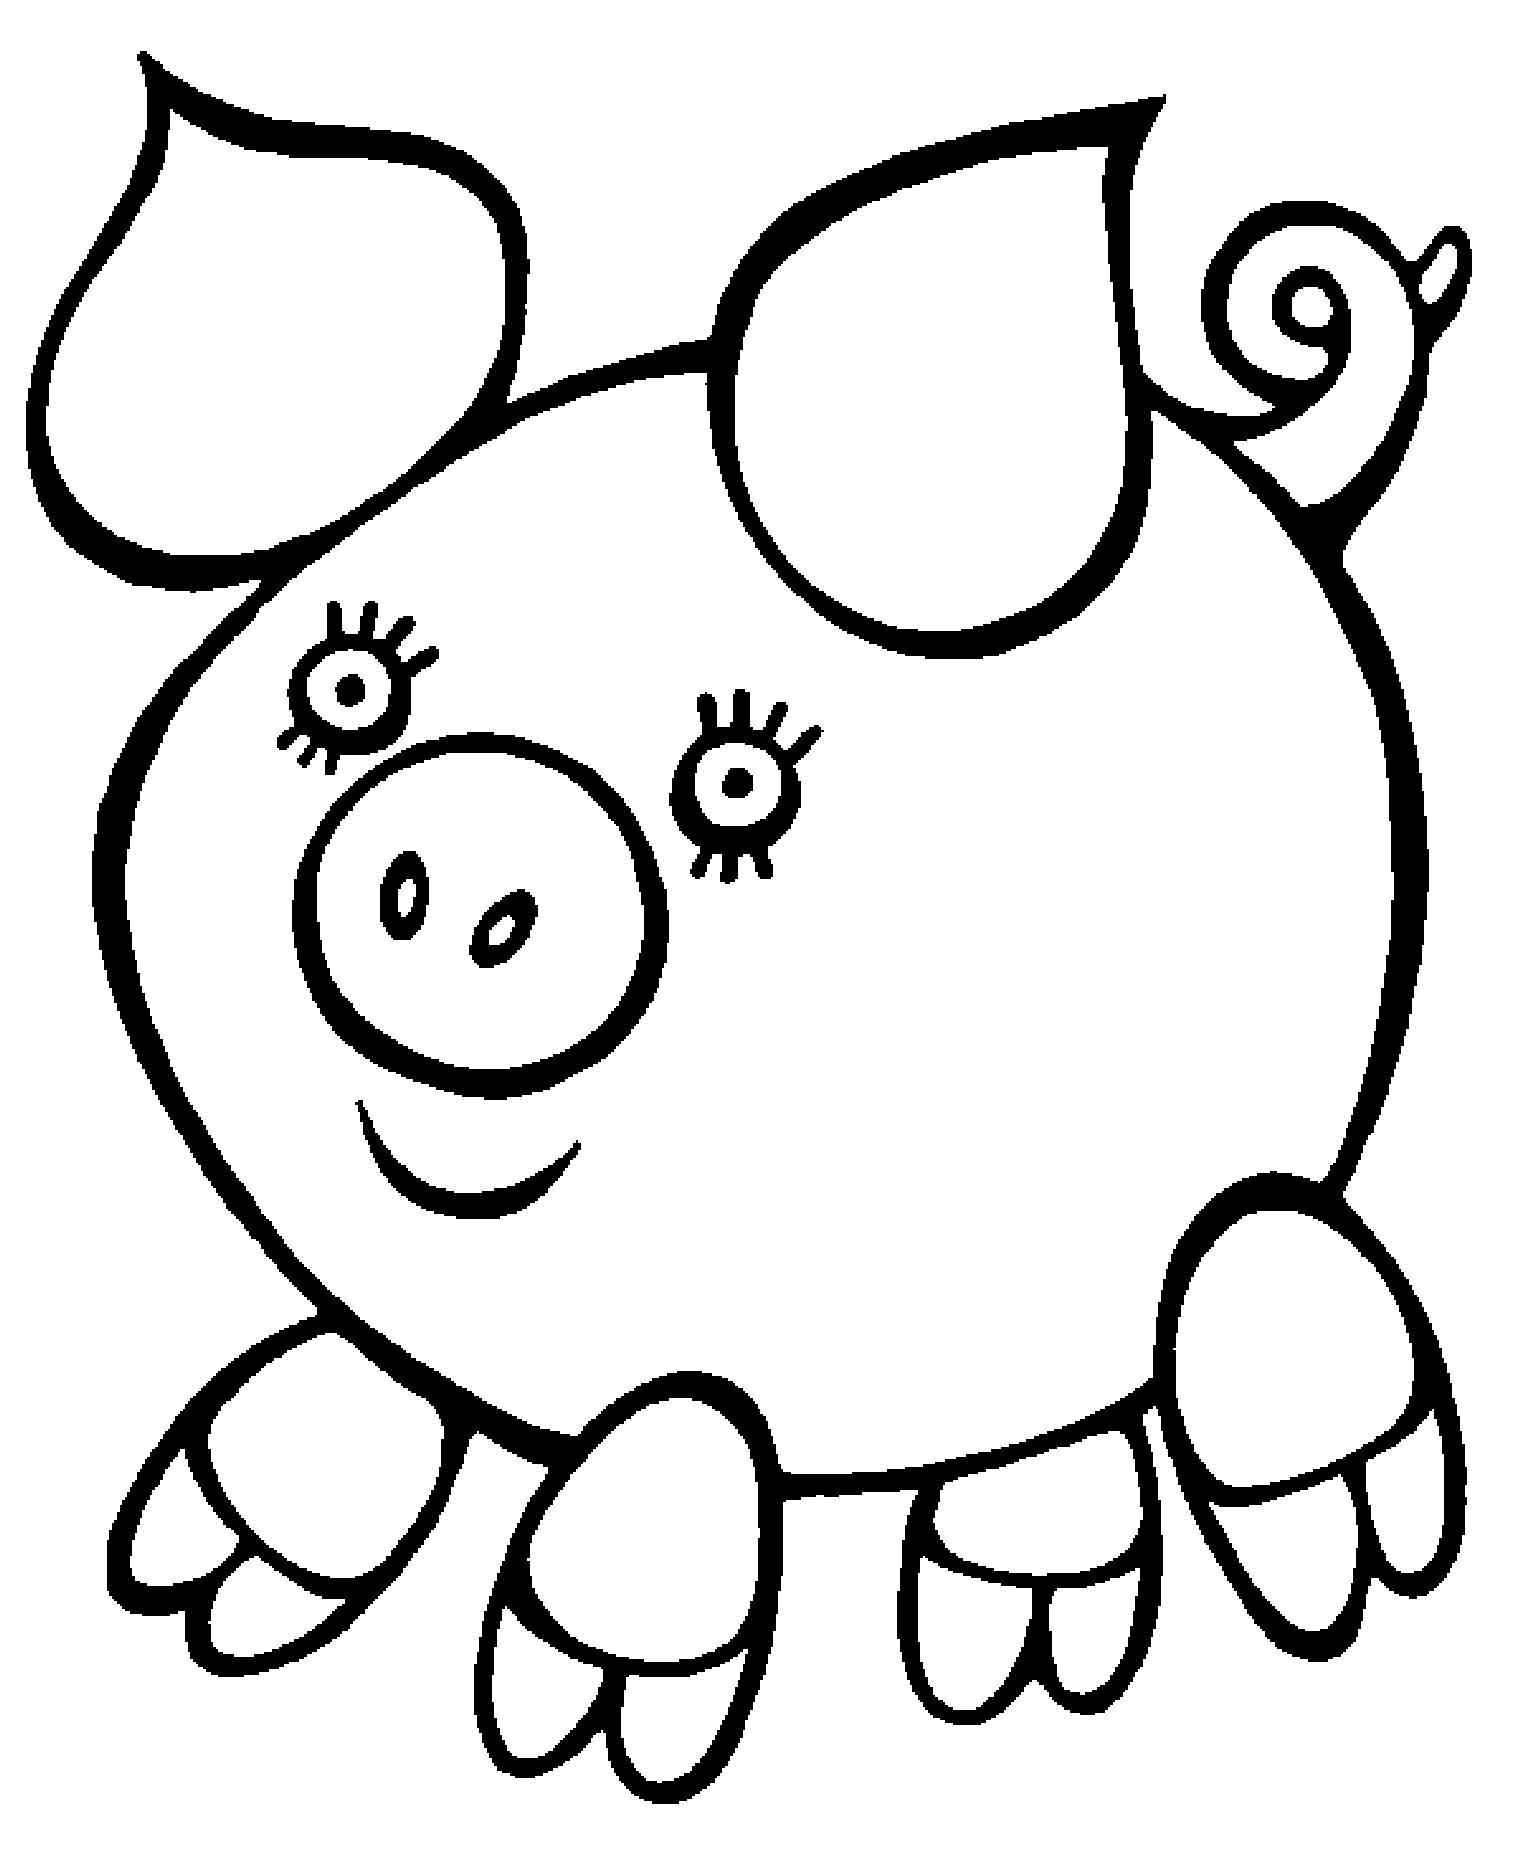 раскраски для детей 5 лет детские раскраски распечатать